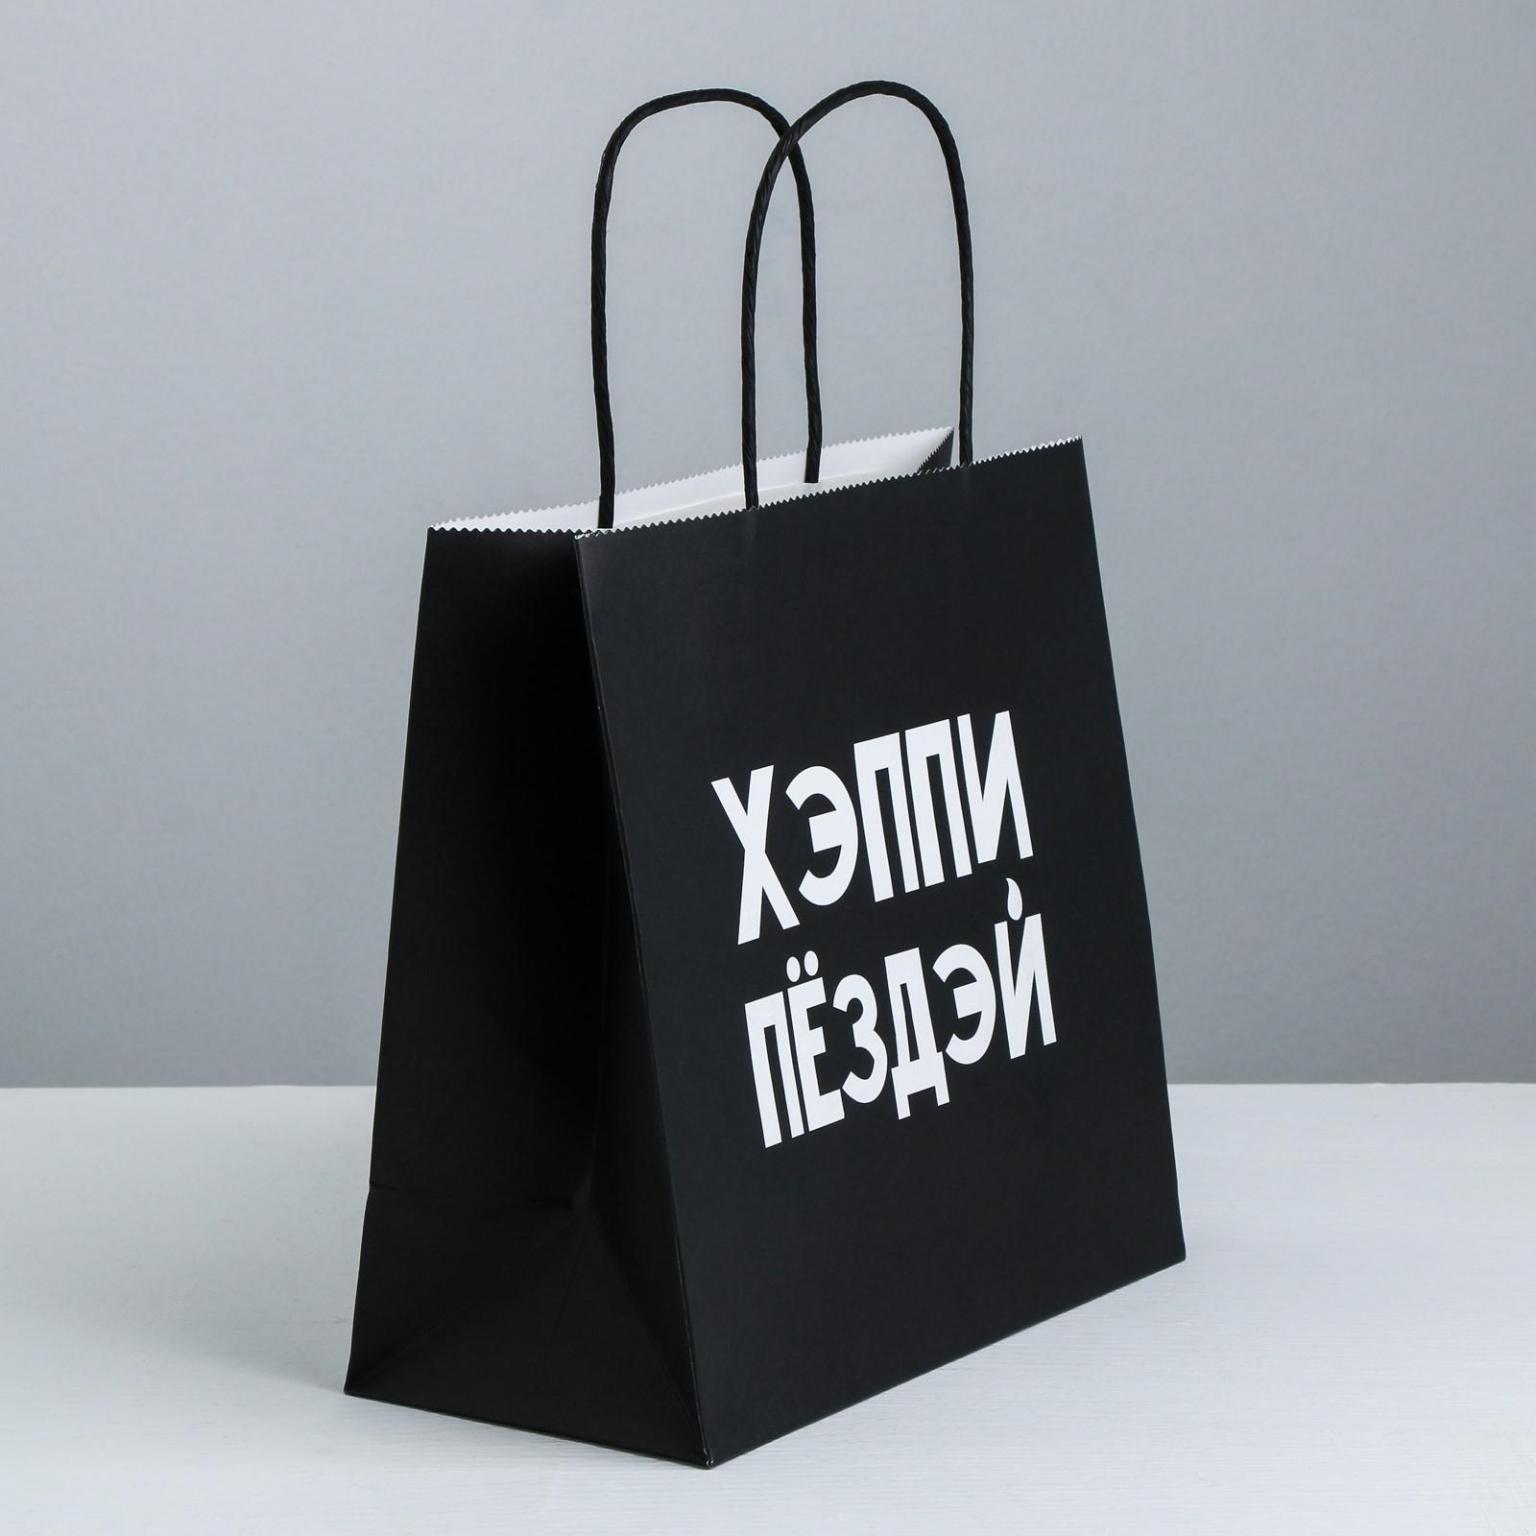 Пакет подарочный Хэппи пёздей, 22*22*11 см